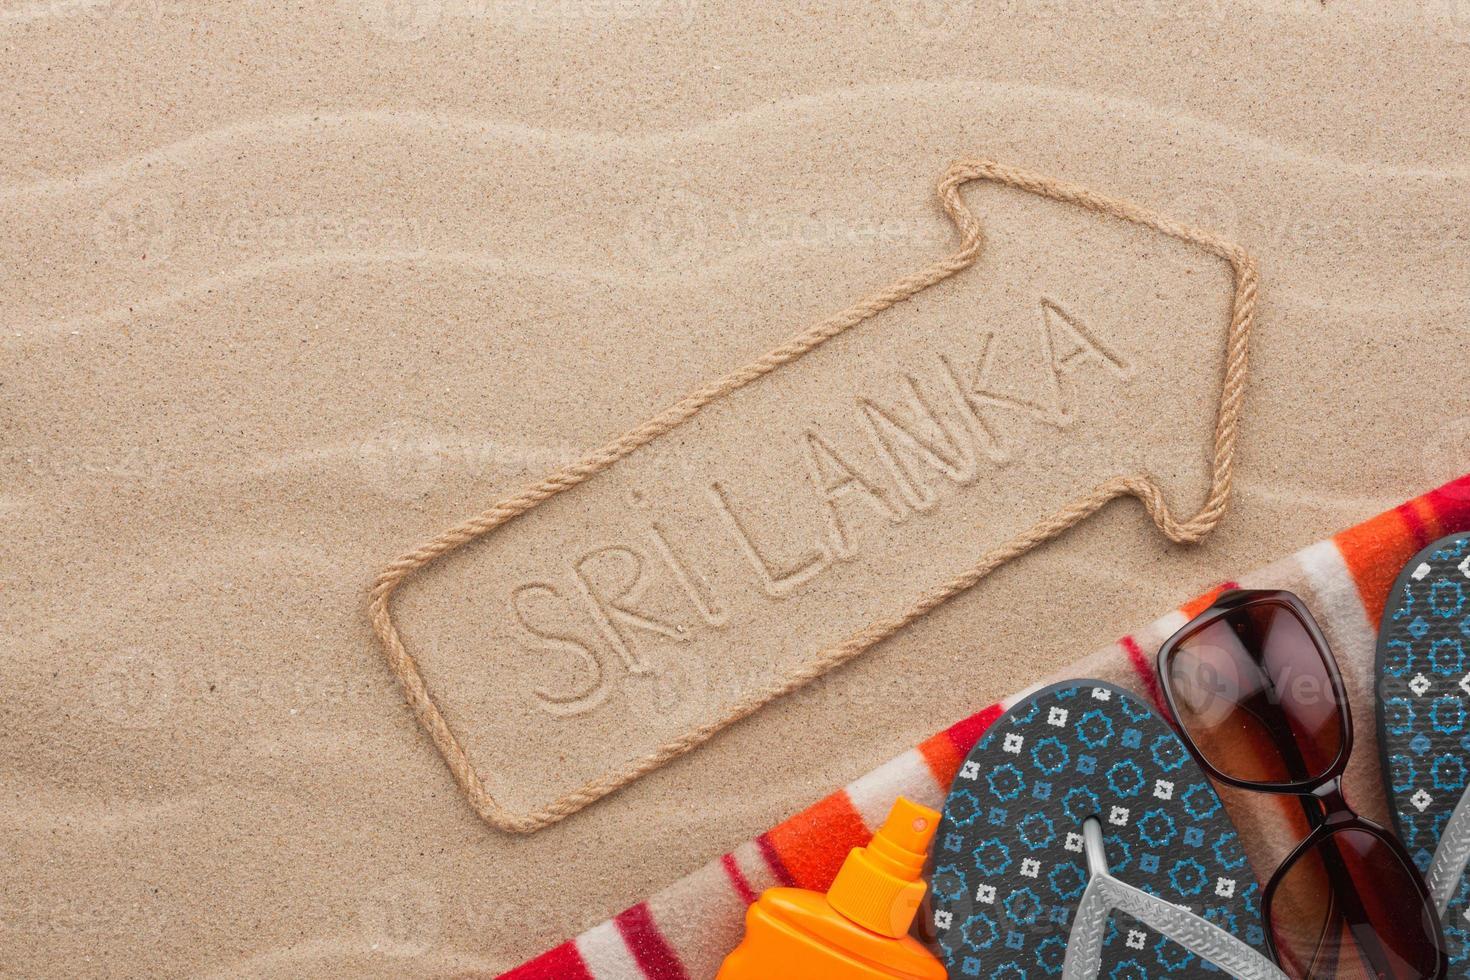 Sri Lanka pointeur et accessoires de plage allongé sur le sable photo